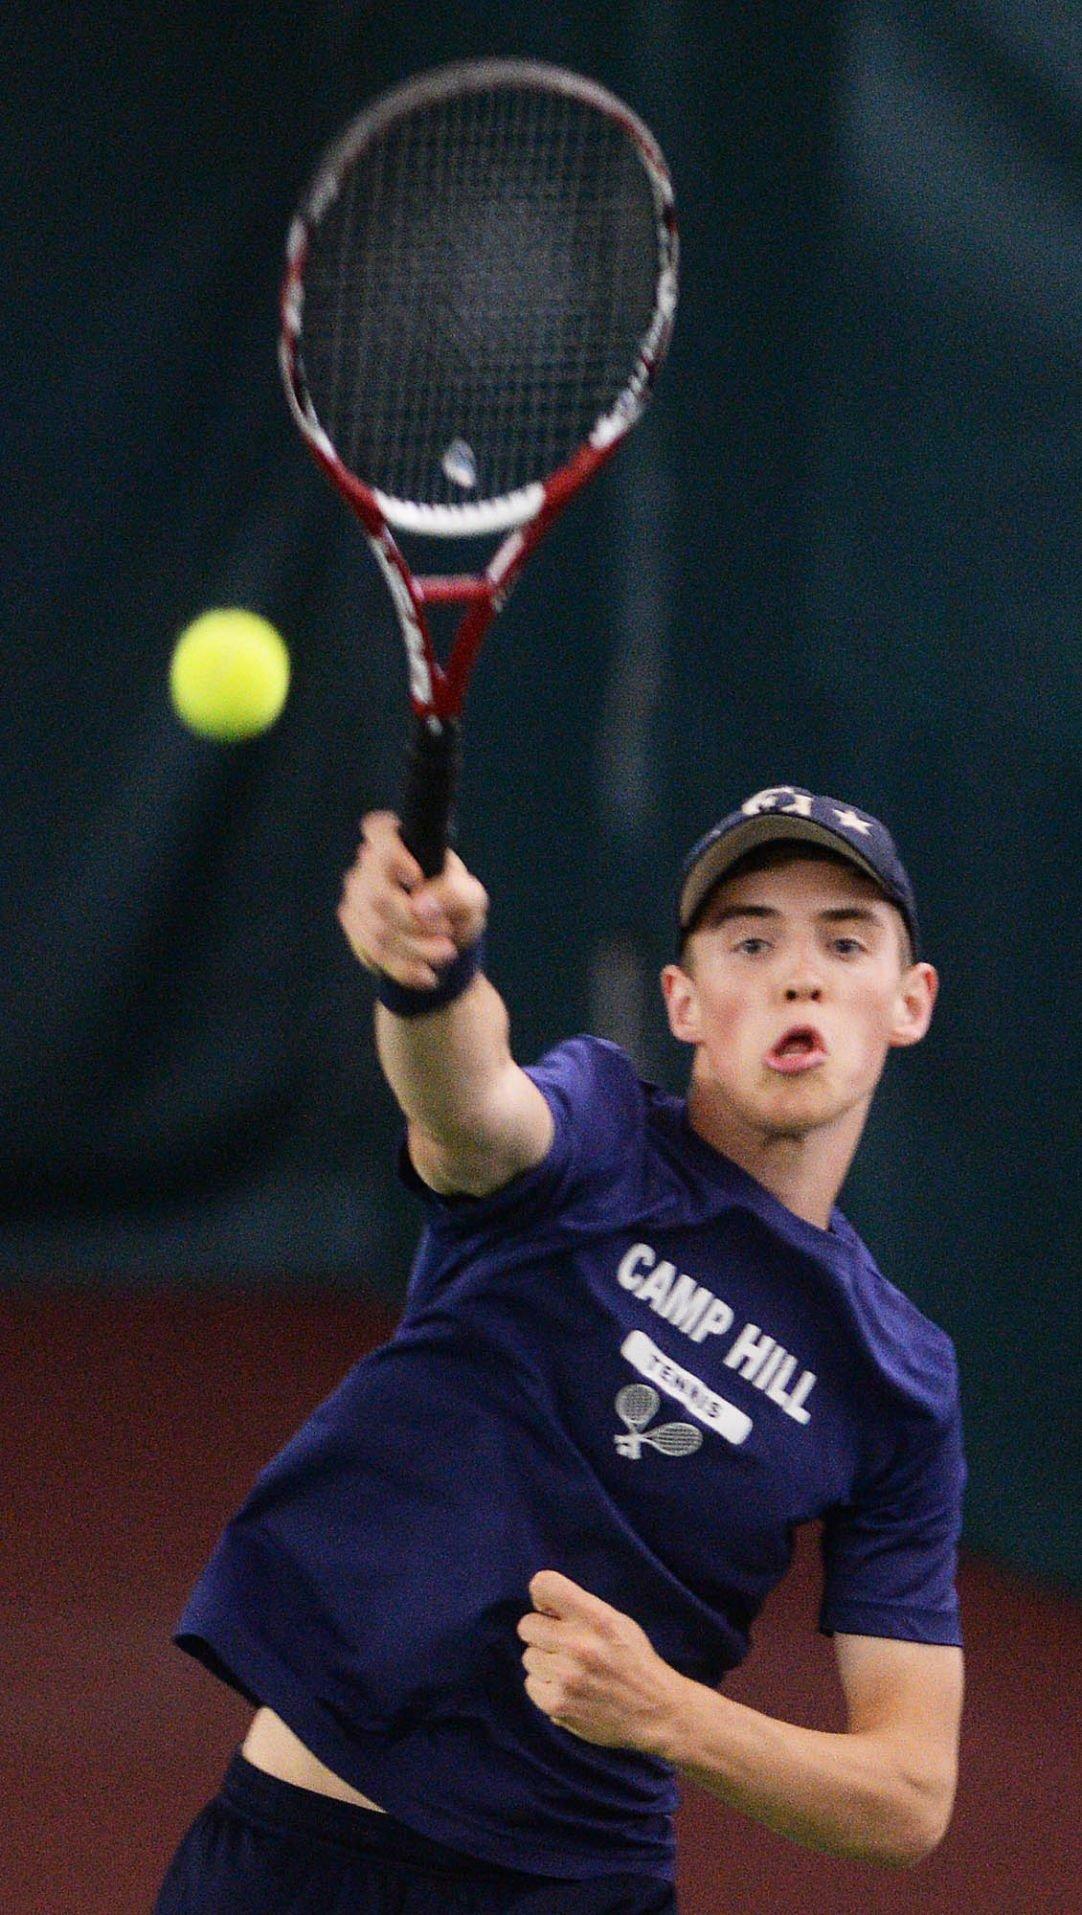 District 3 Boys Tennis Doubles